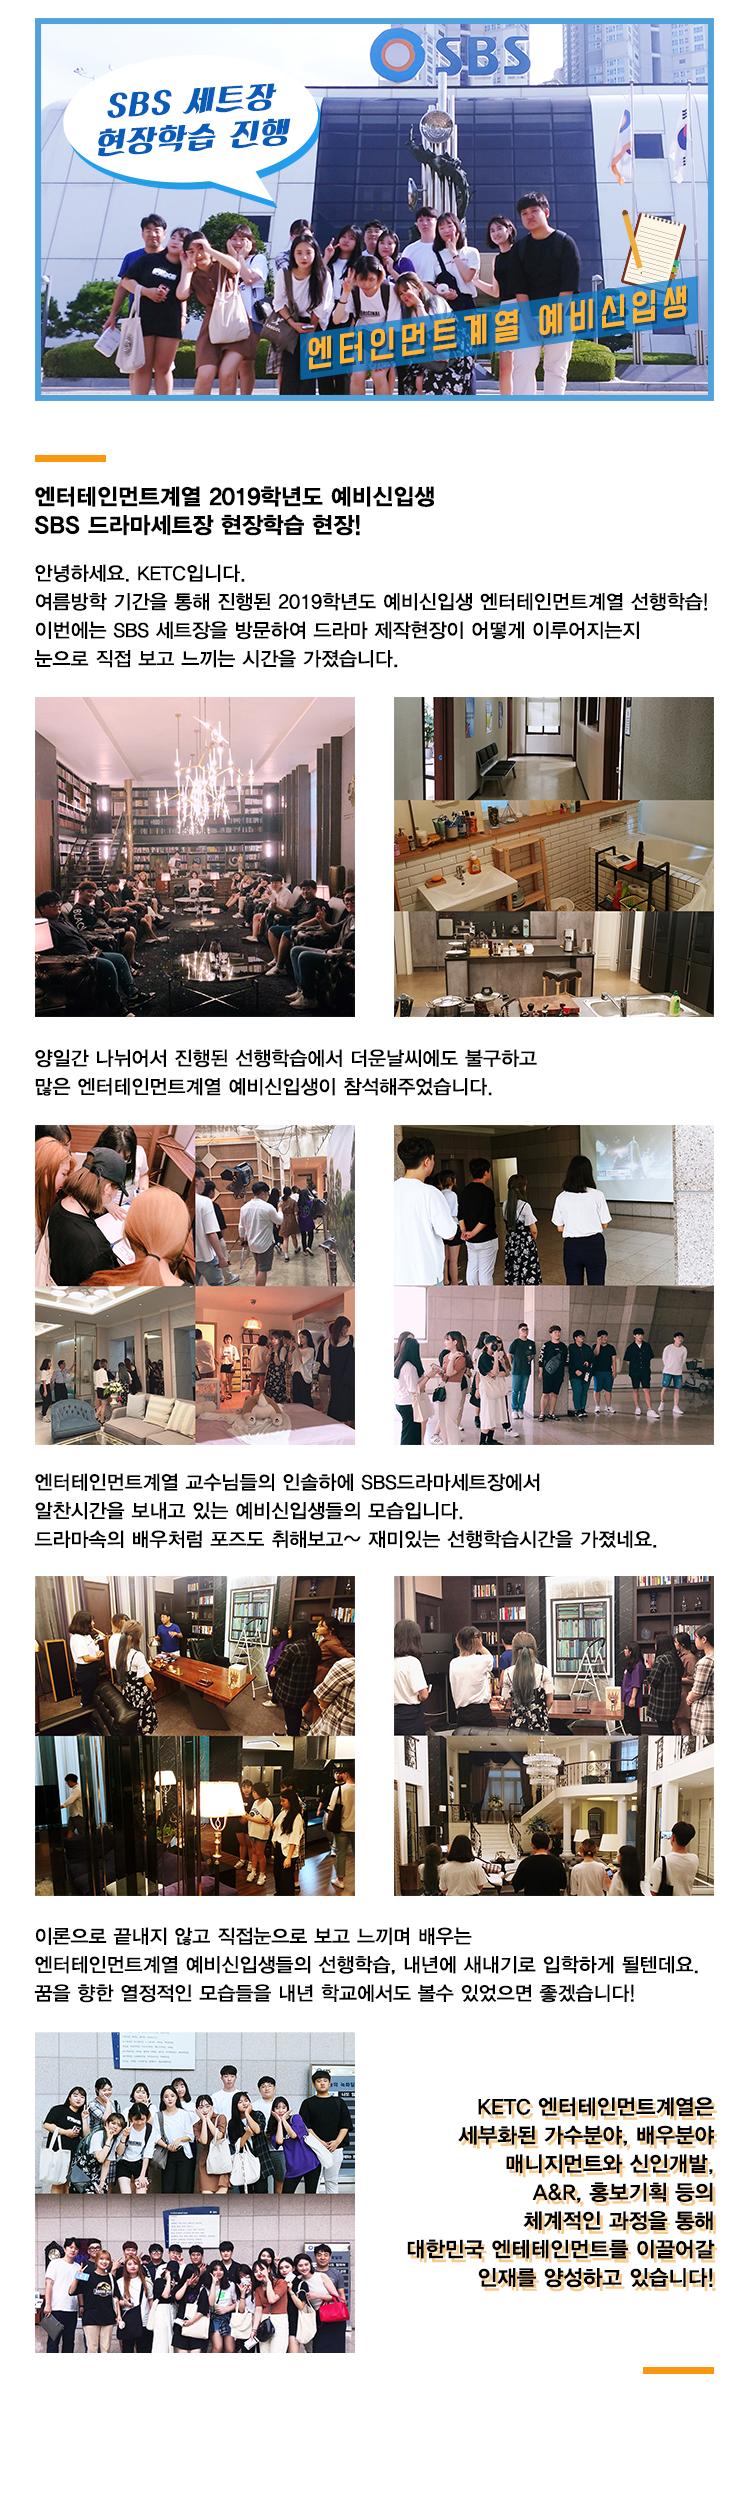 엔터테인먼트계열 예비신입생 SBS 세트장 현장학습 진행